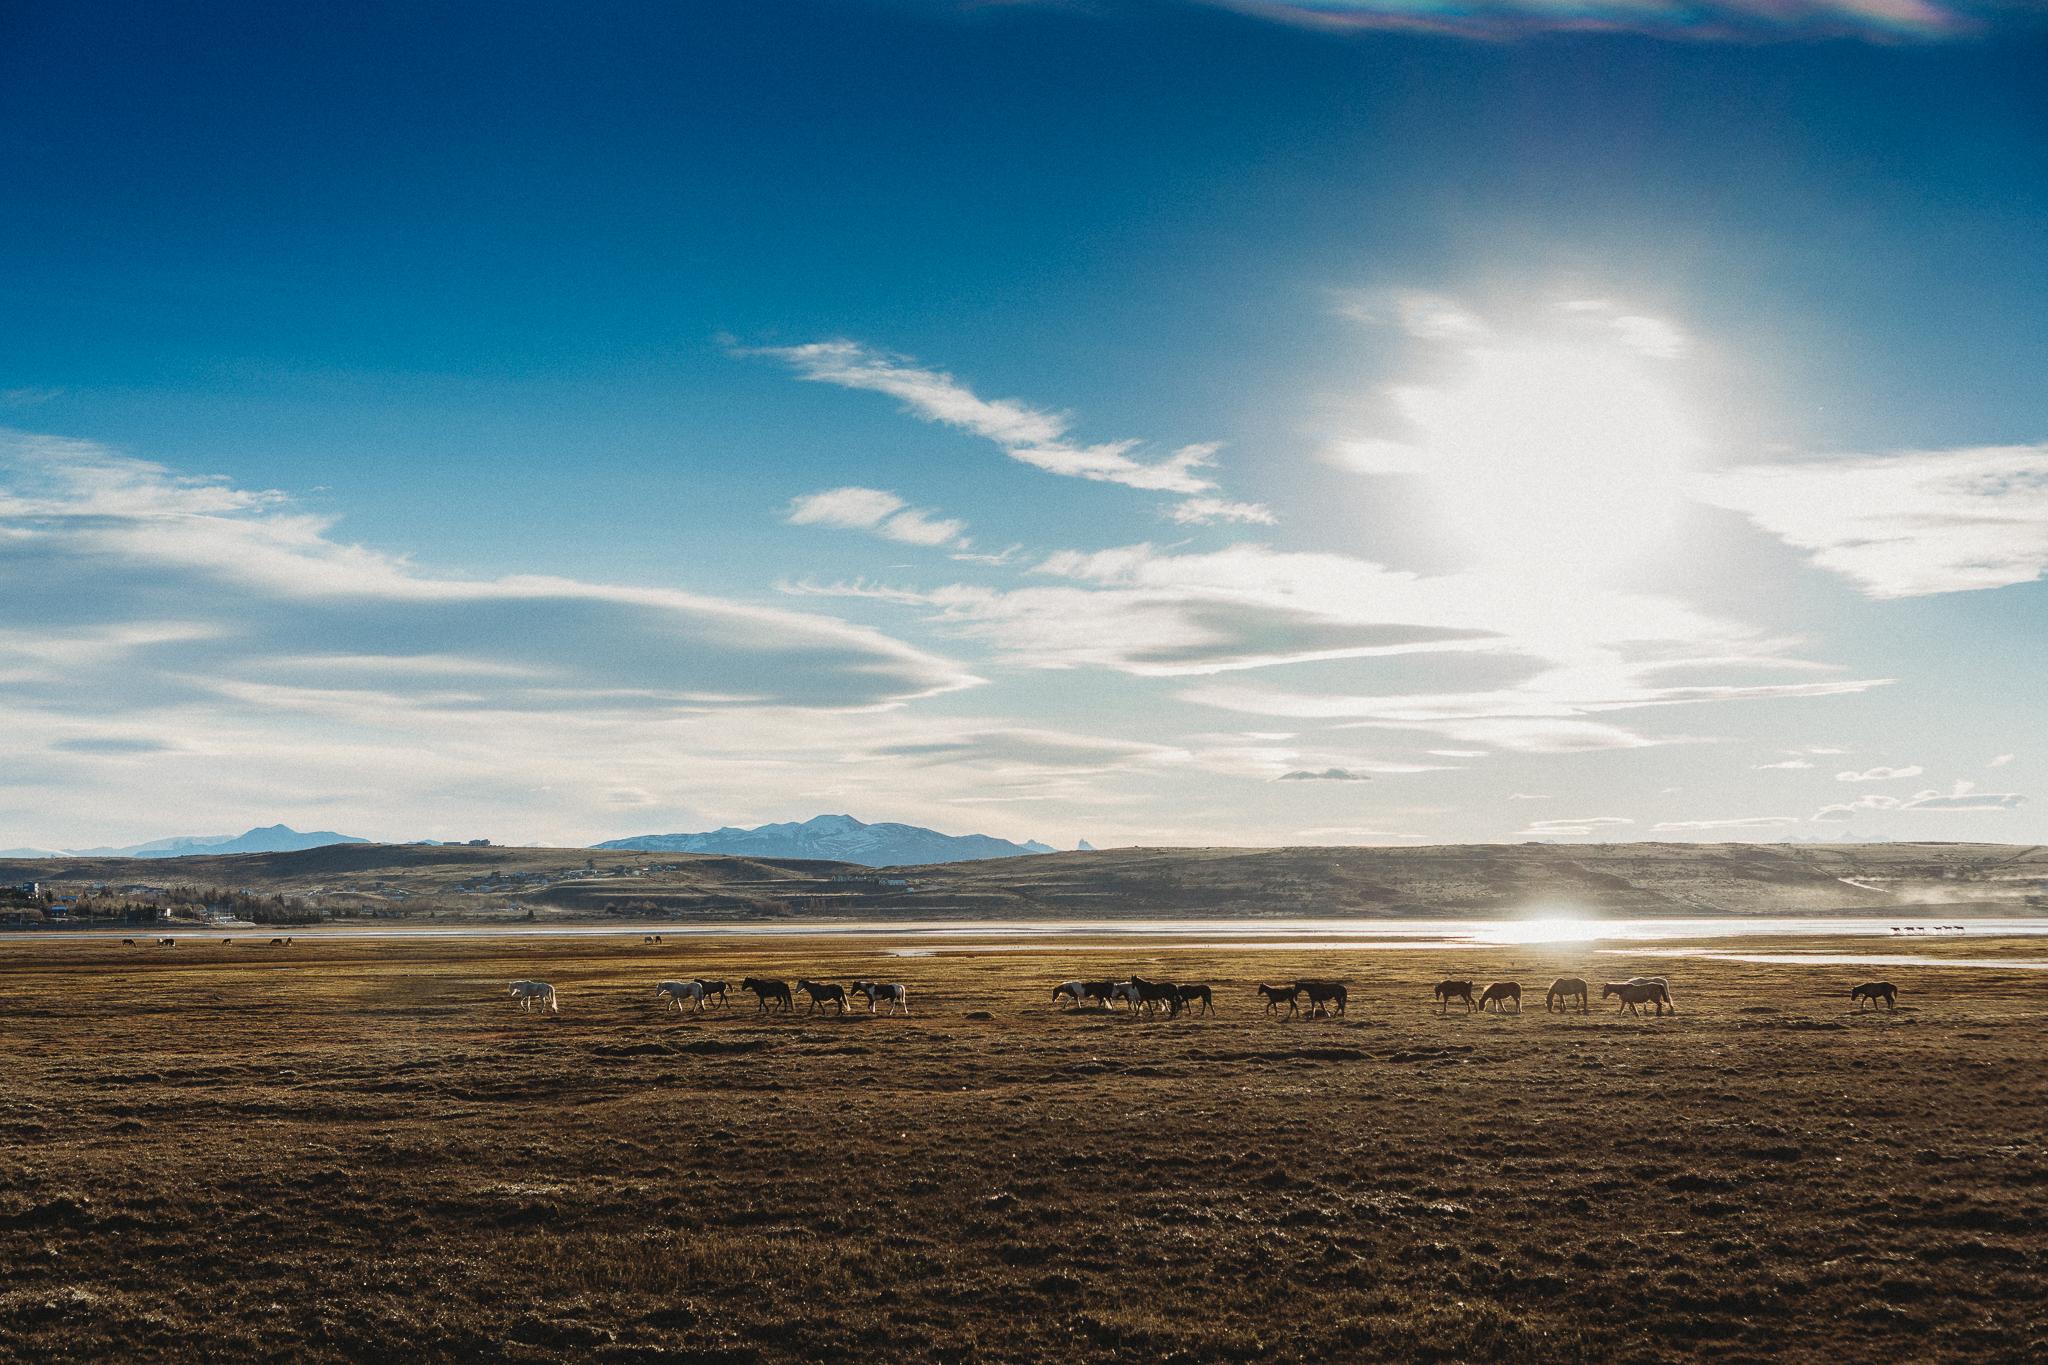 El Calafate, El Chalten, Perito Moreno, Parque Nacional Los Glaciares, Argentina, Buenos Aires-45.jpg